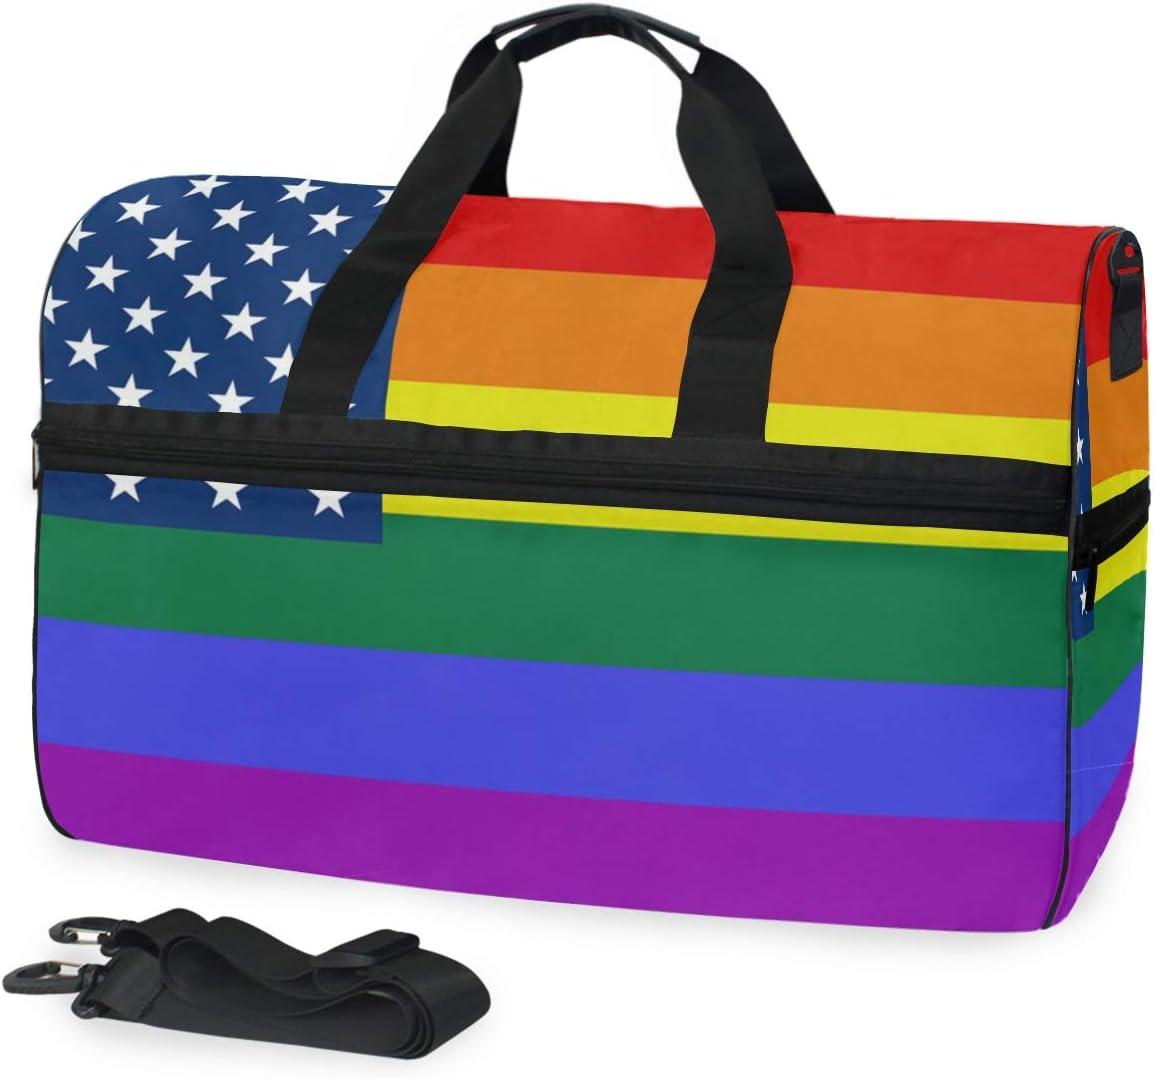 FANTAZIO American USA Rainbow Flag Sports Duffle Bag Gym Bag Travel Duffel with Adjustable Strap